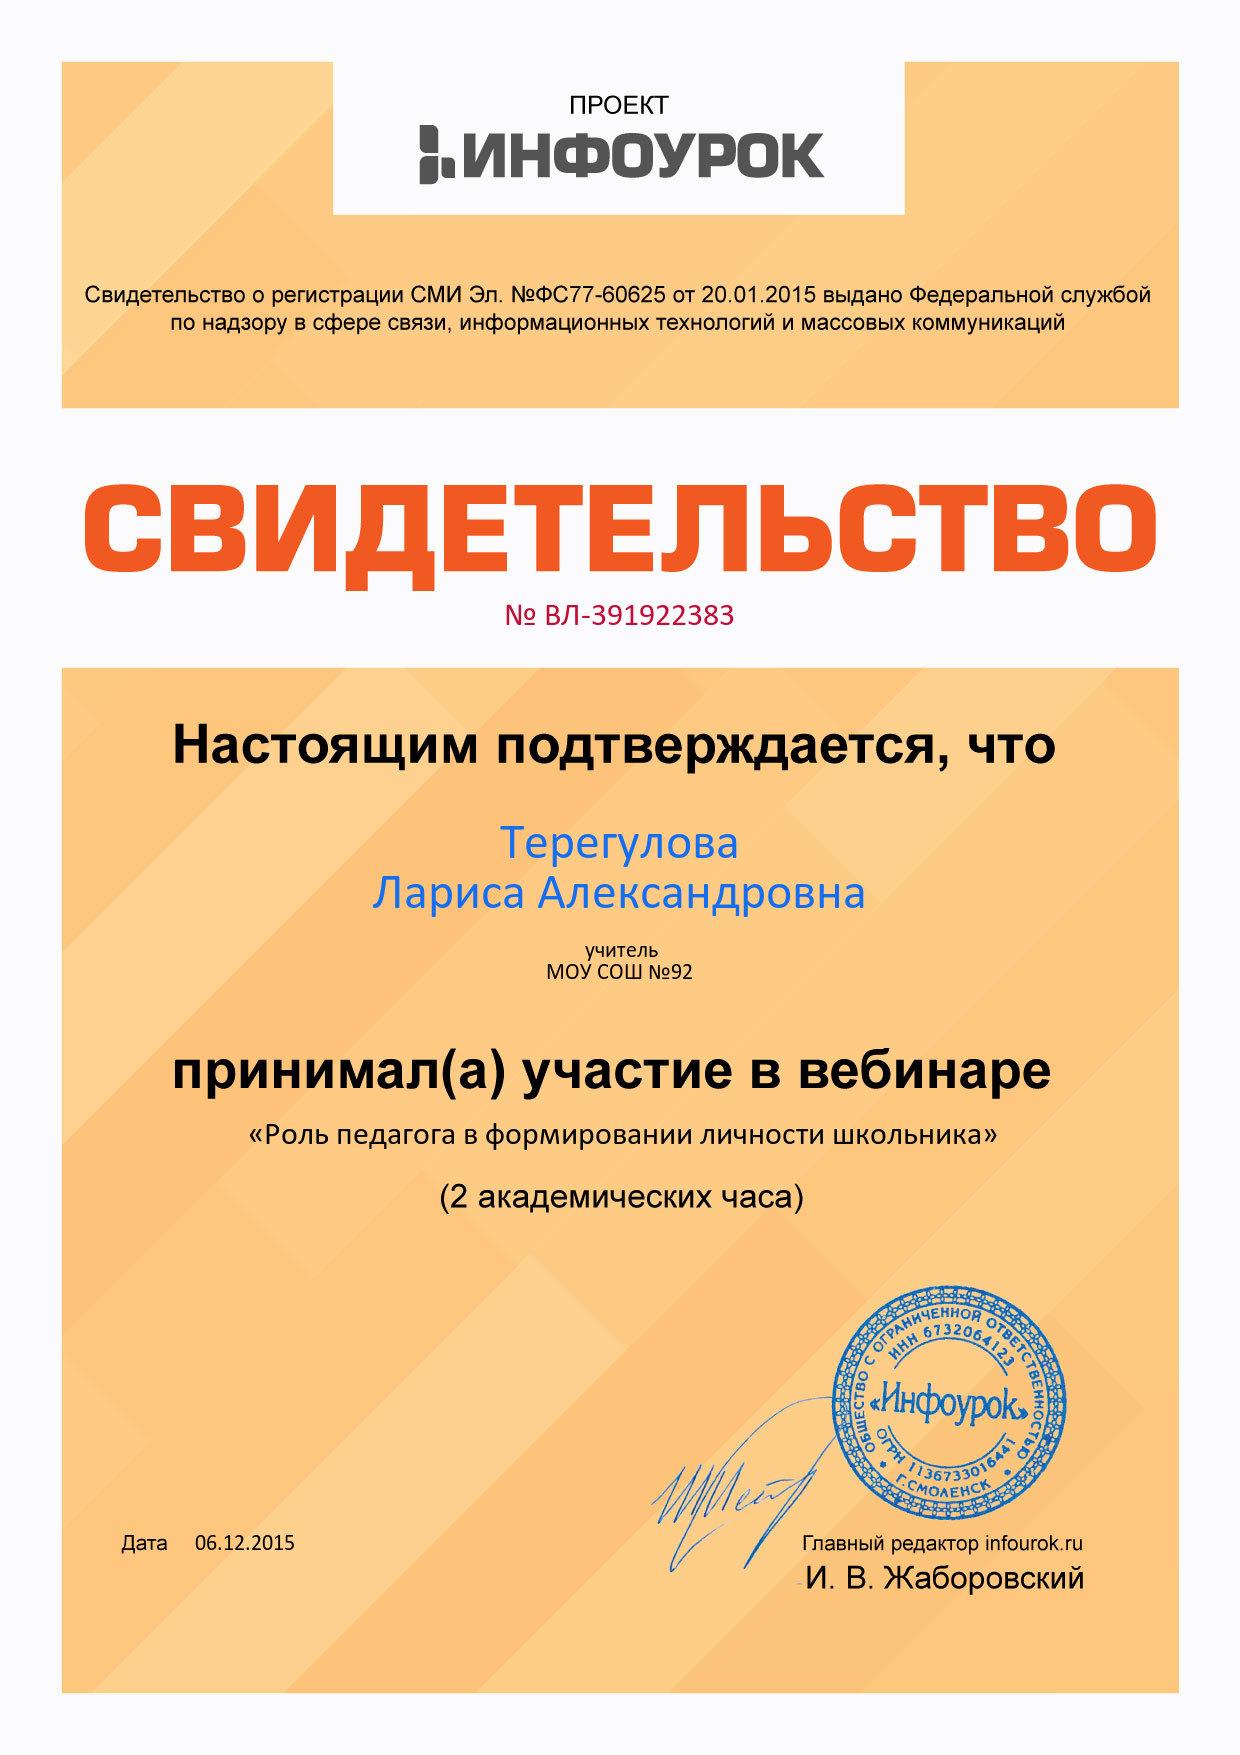 Свидетельство проекта infourok.ru № ВЛ-391922383.jpg